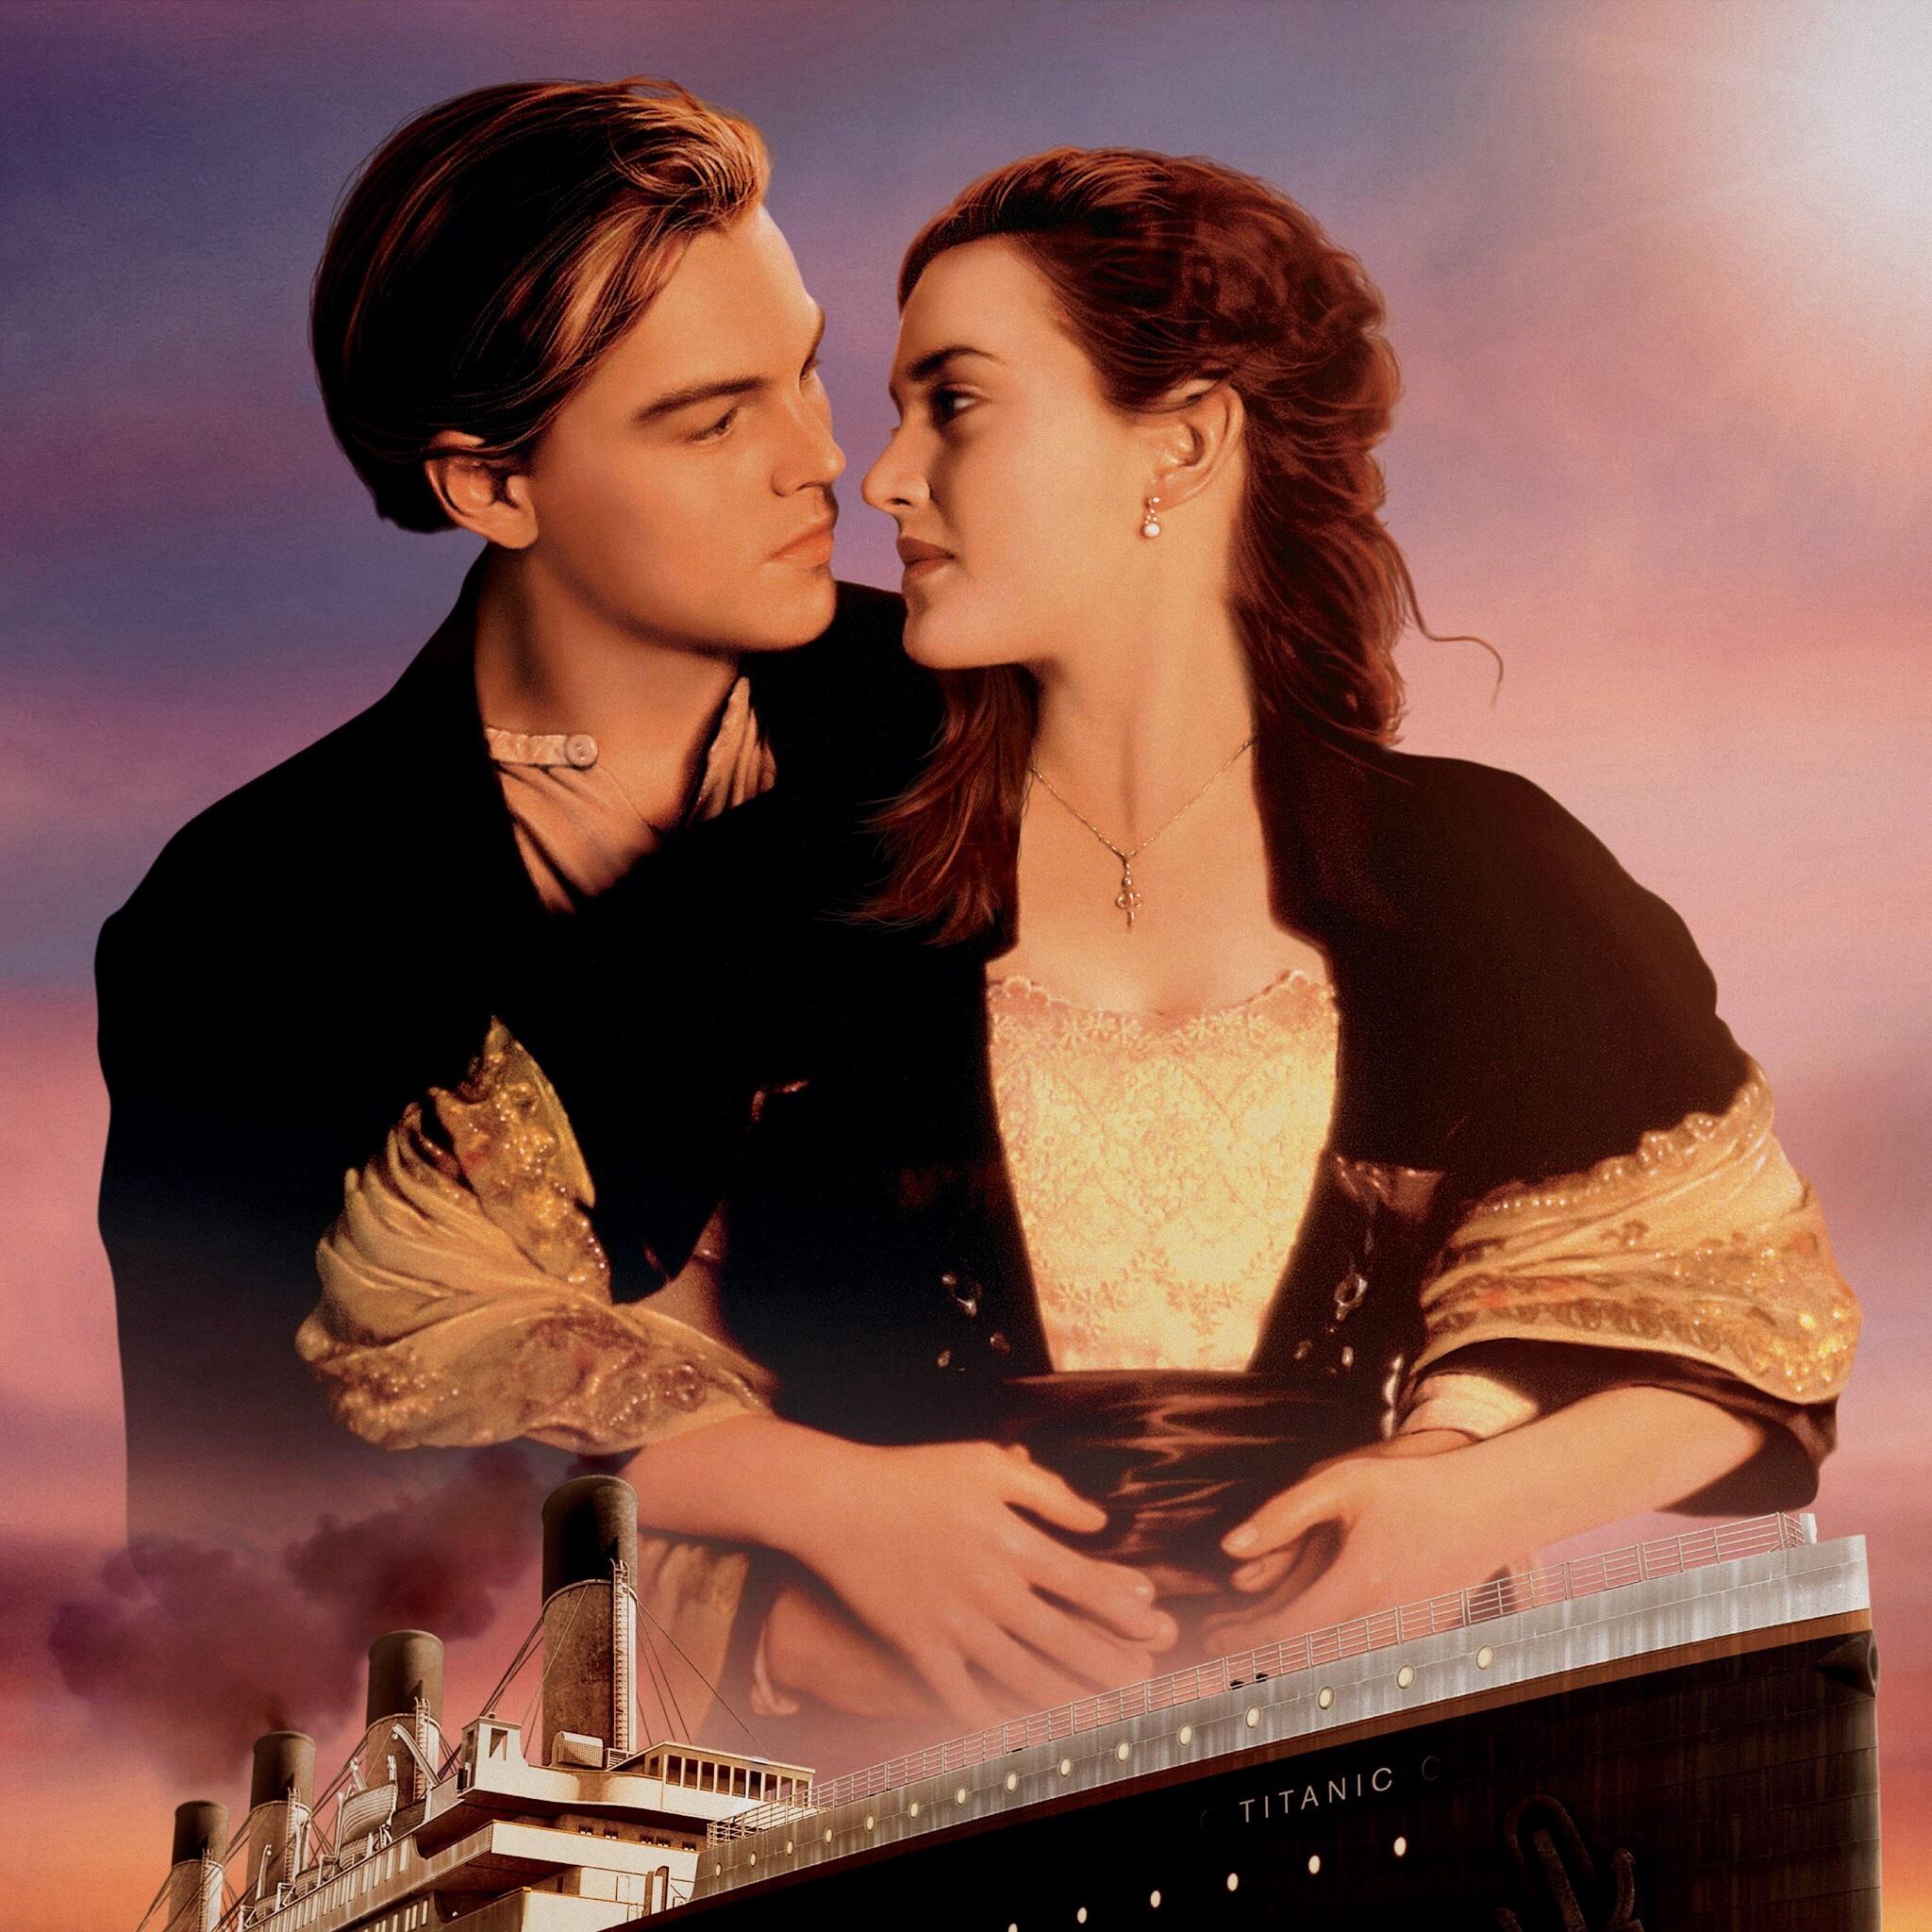 Titanic Movie: Most Romantic Scene? Poll Results